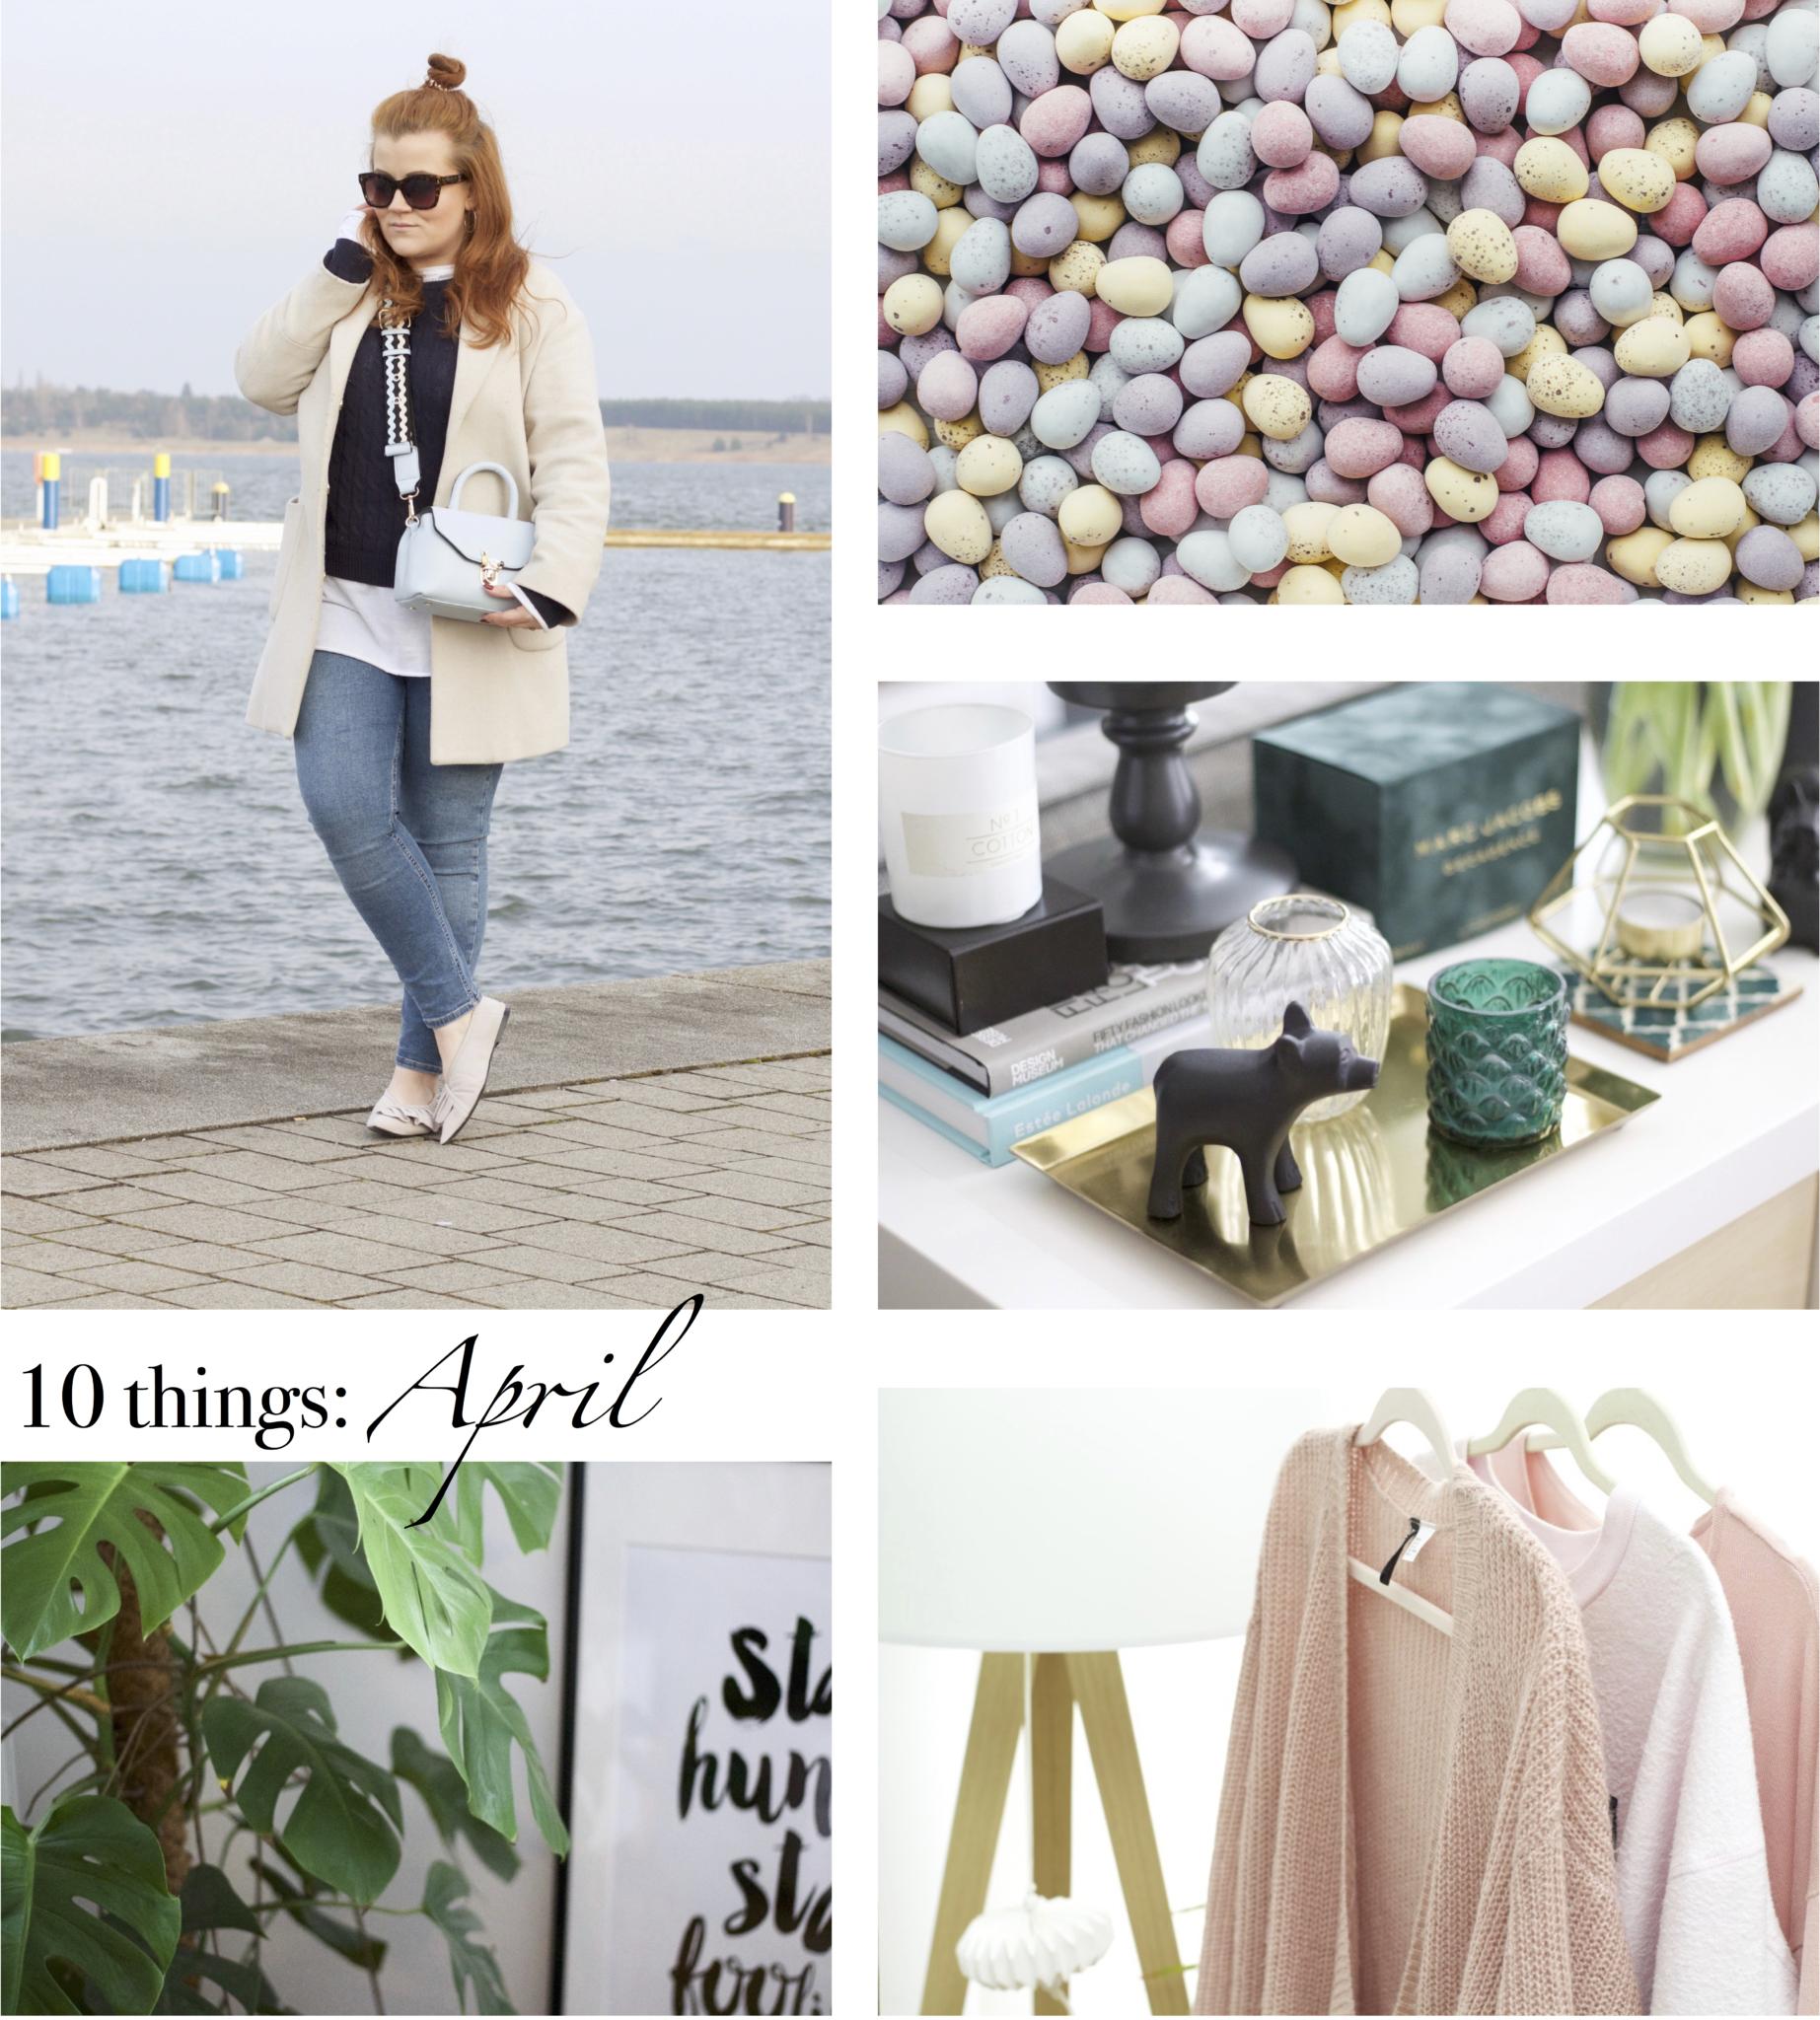 Collage mit Inspirationsbildern zum Beitrag: 10 Dinge, die man im April tun kann - Lifestyle Blog Leipzig